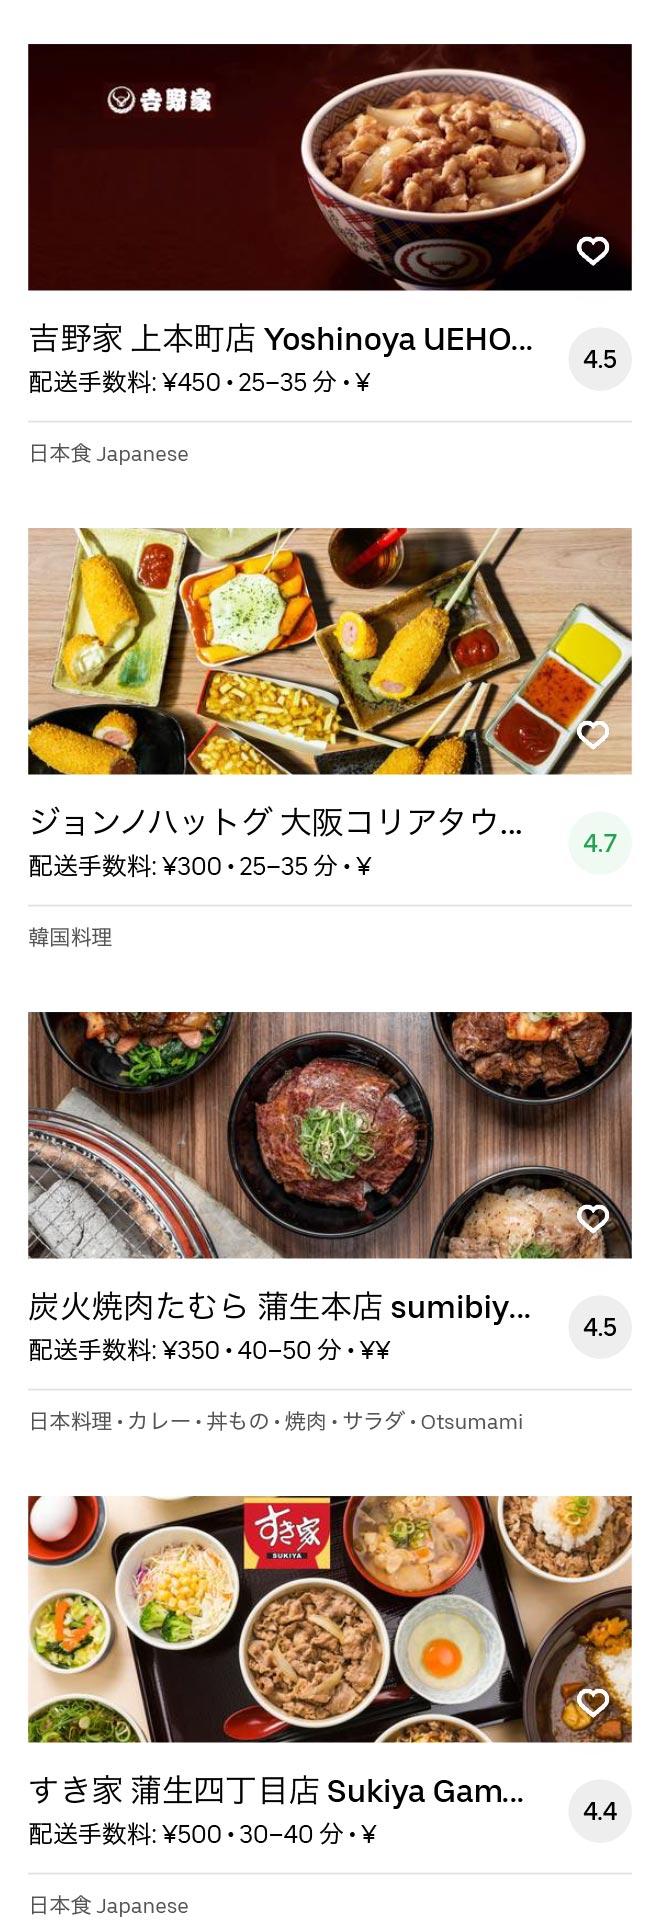 Higashi osaka fuse menu 2005 11